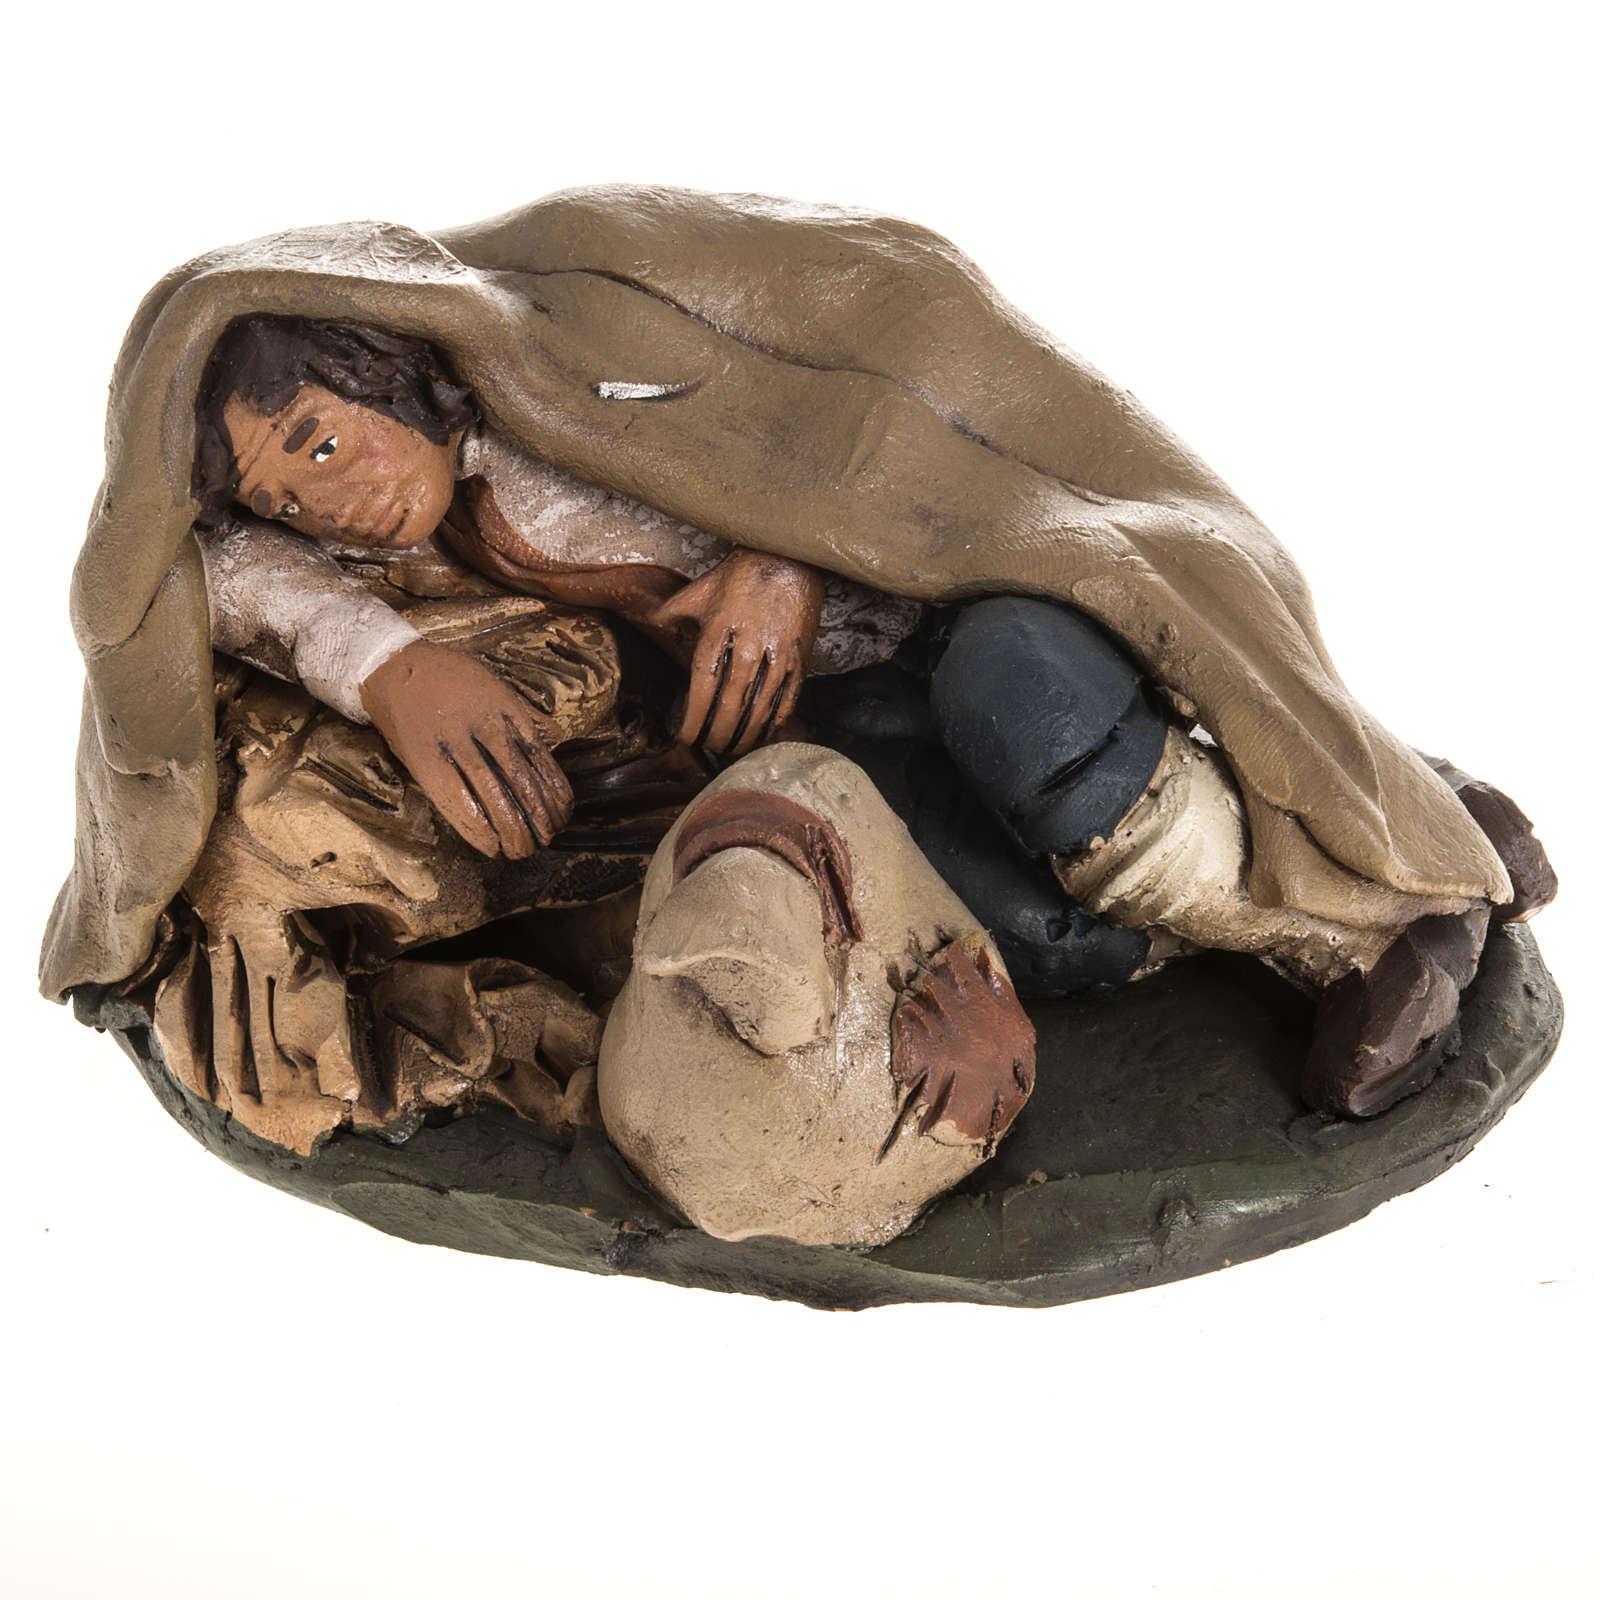 Santon crèche de Noël berger qui dort terre cuite 18cm 4